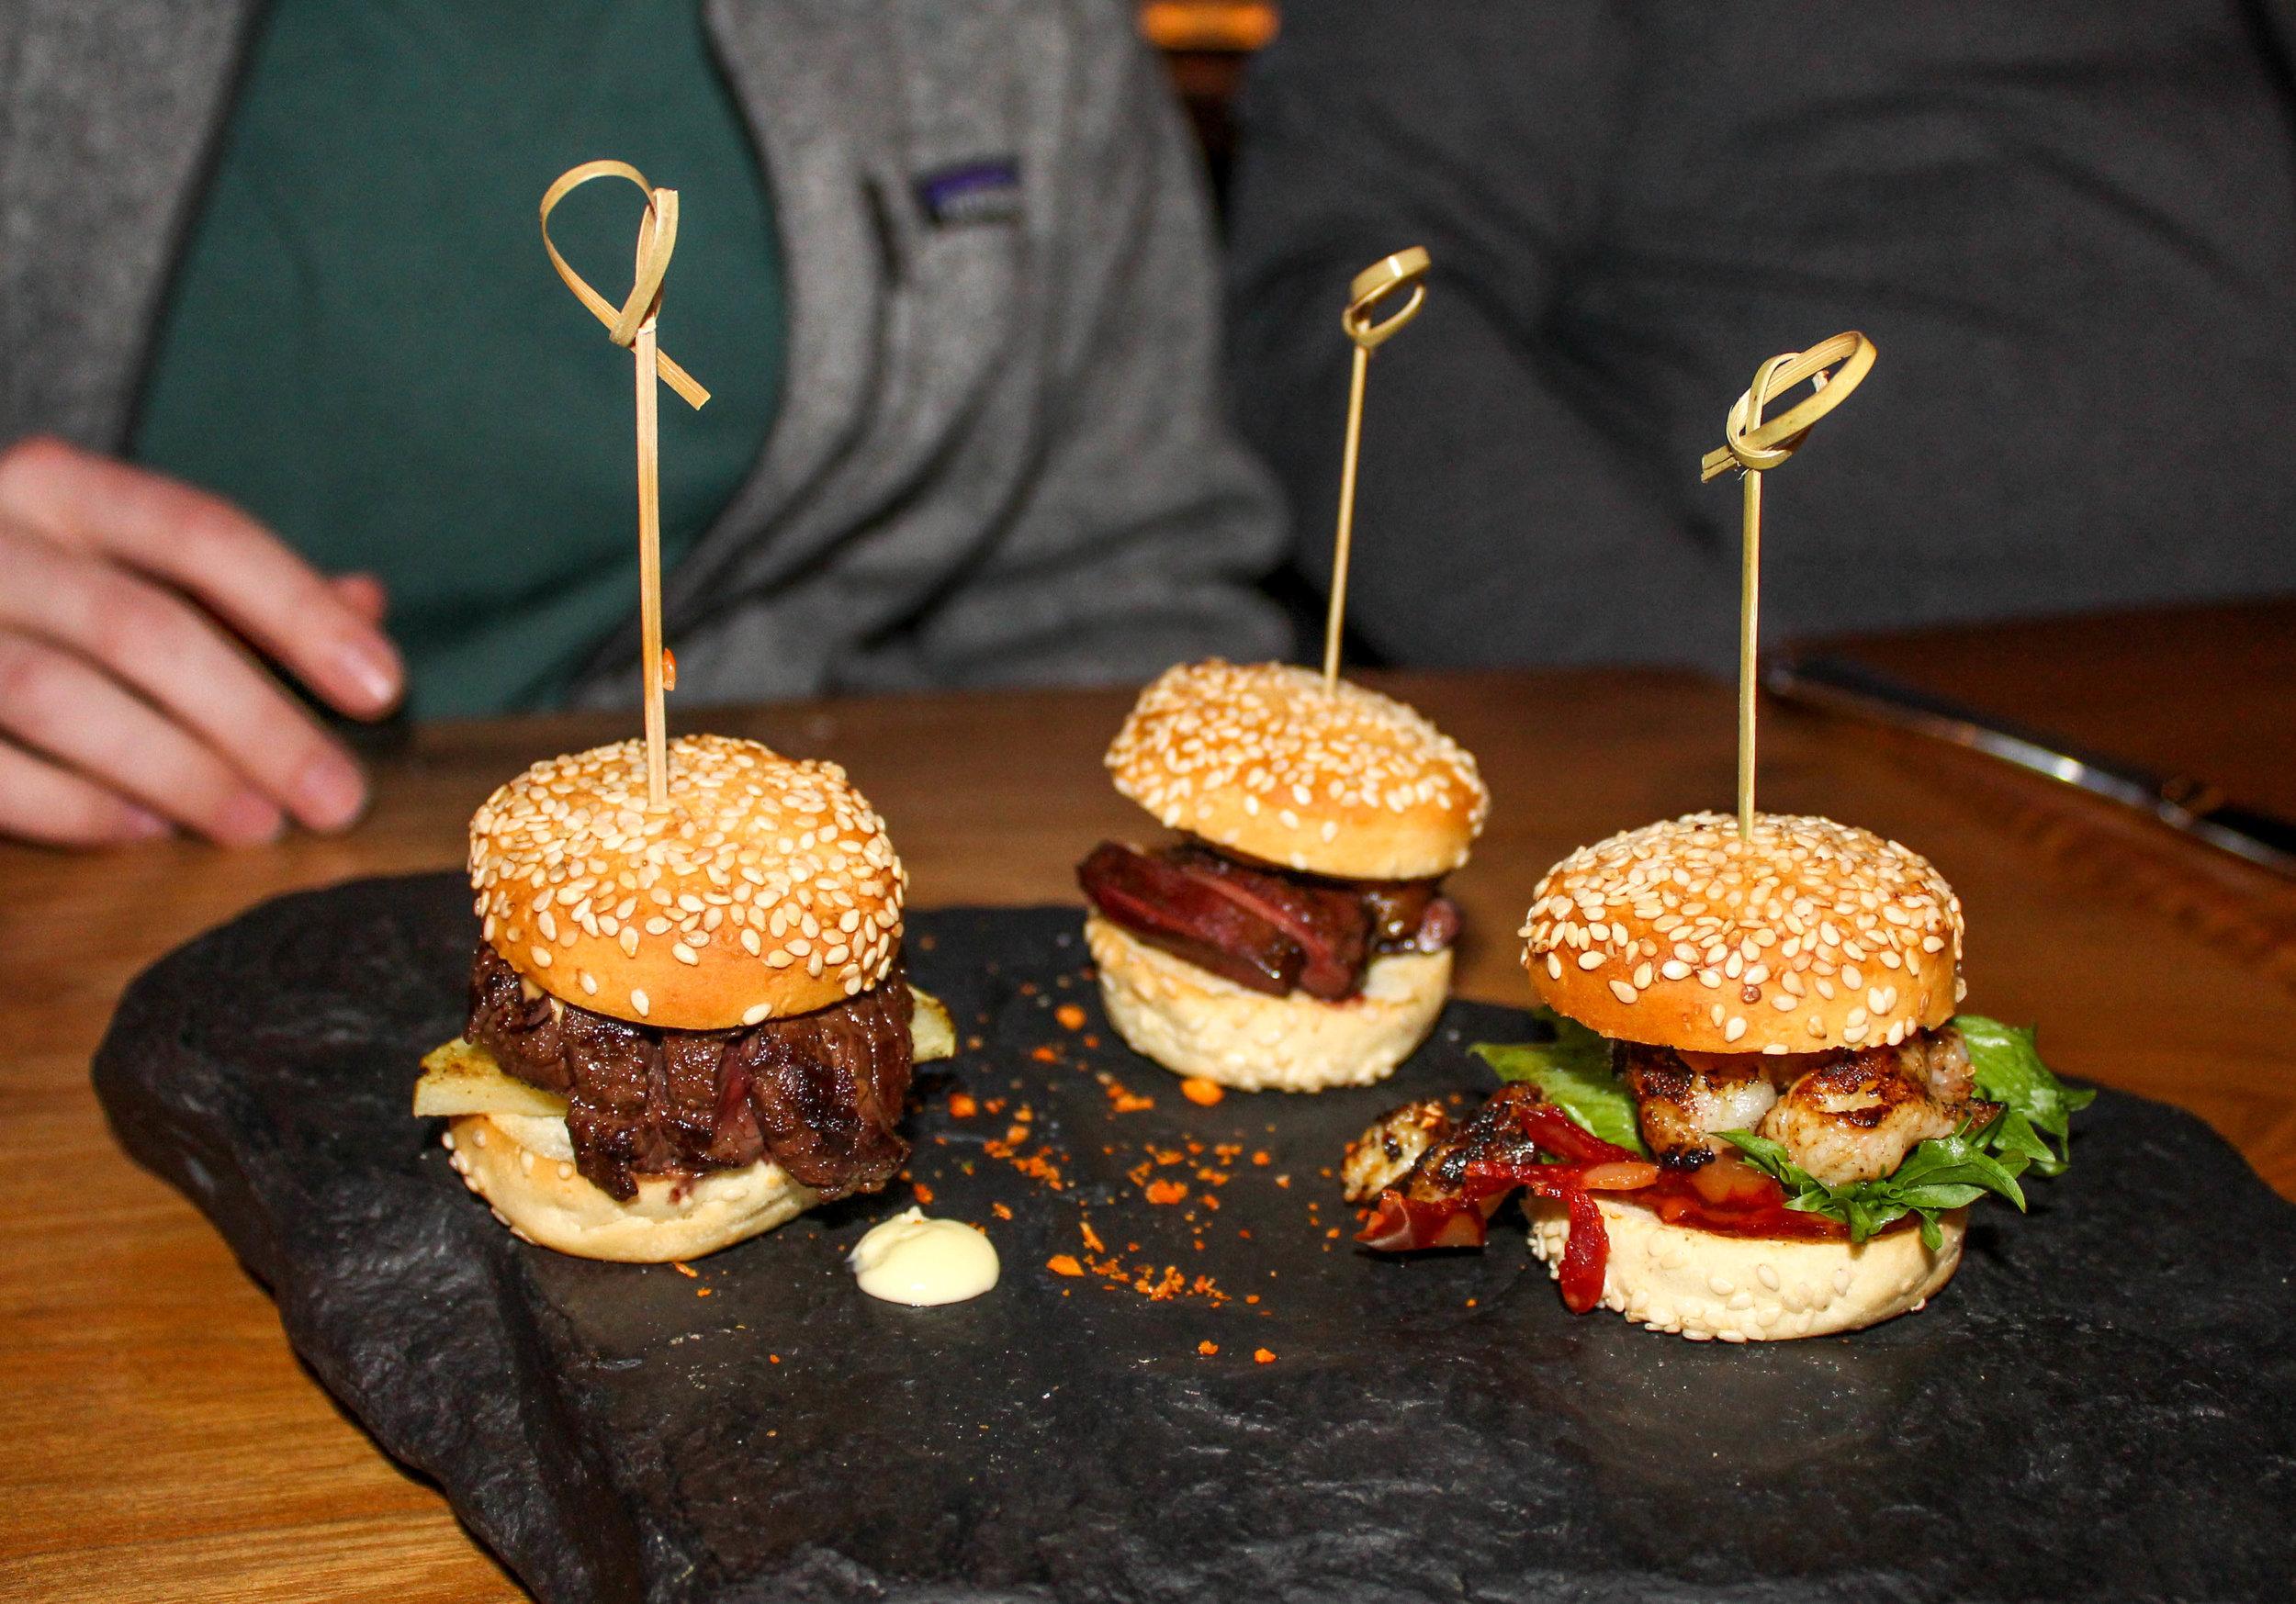 Mini burgers at Grill Market